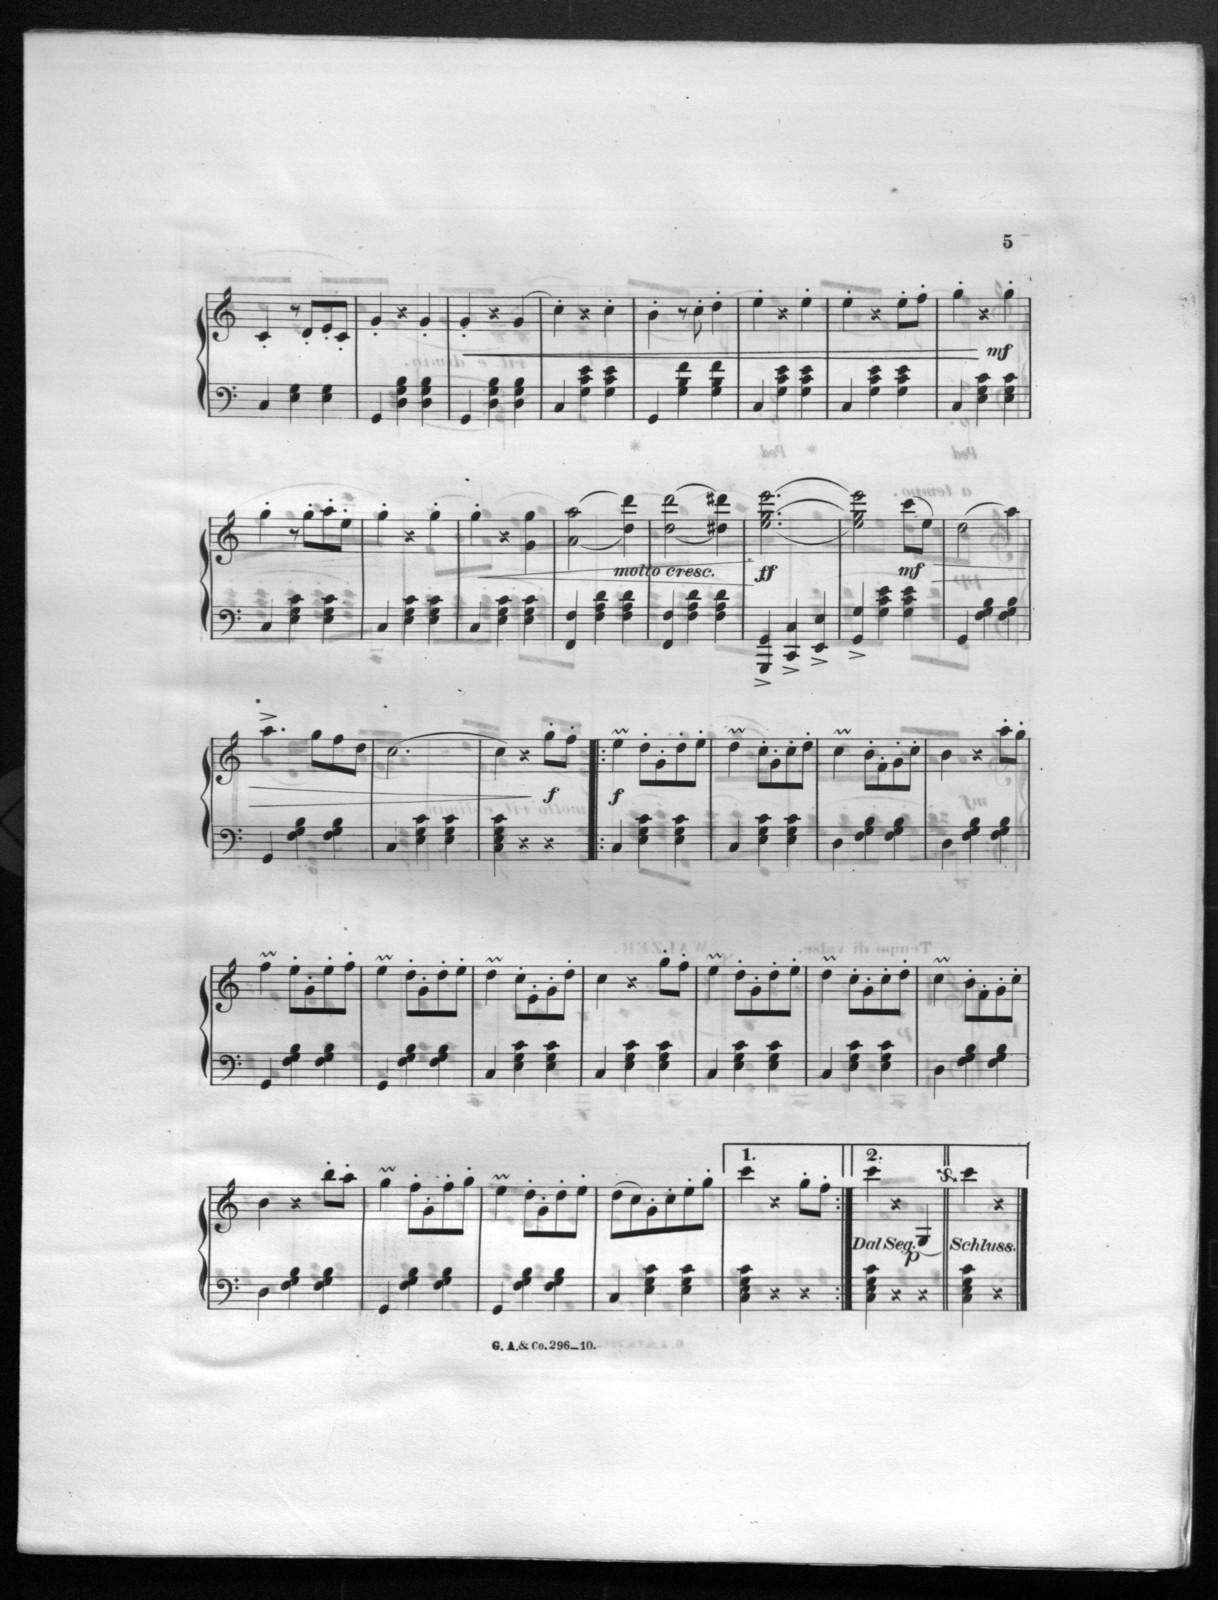 Frohsinn Walzer, op. 29